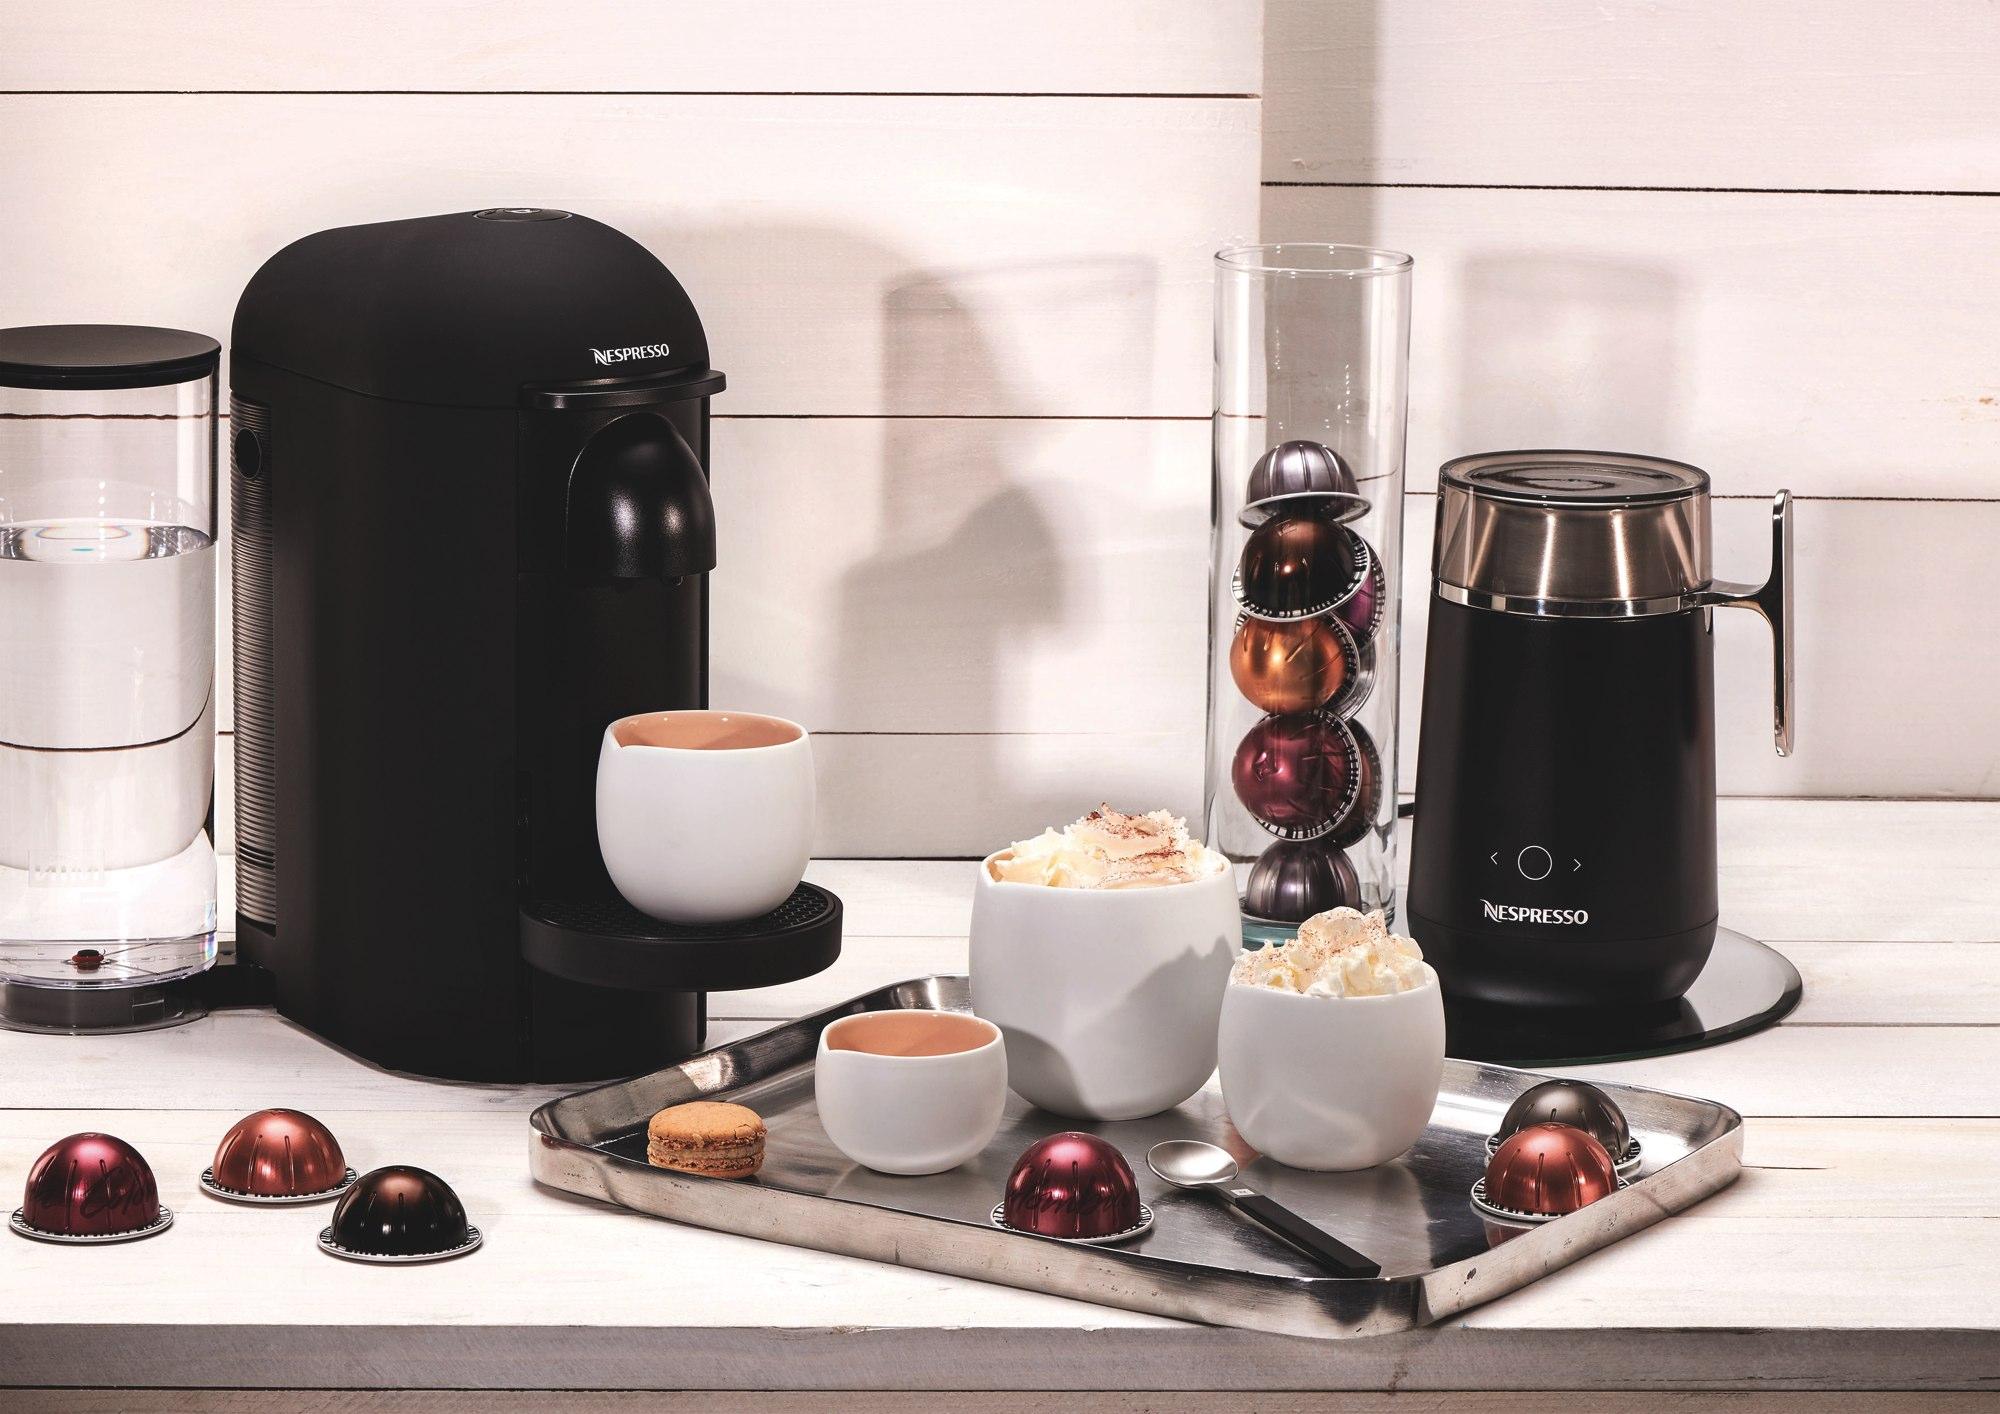 nespresso212018-11-17-05-59-58